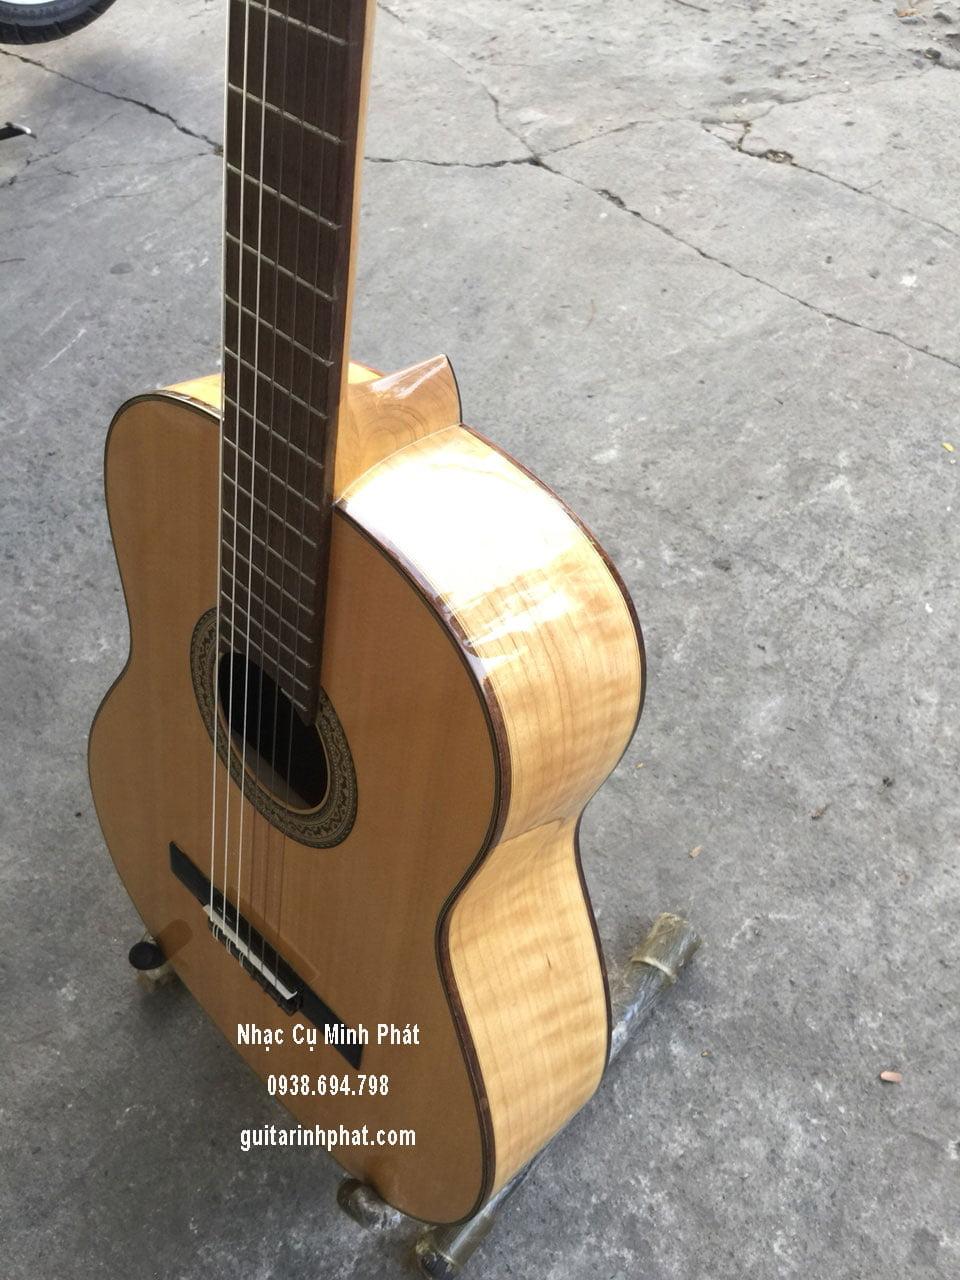 Bán đàn guitar giá rẻ quận bình tân bình chánh tân phú quận 6 chỉ 390k- guitarbinhtan.com - 17